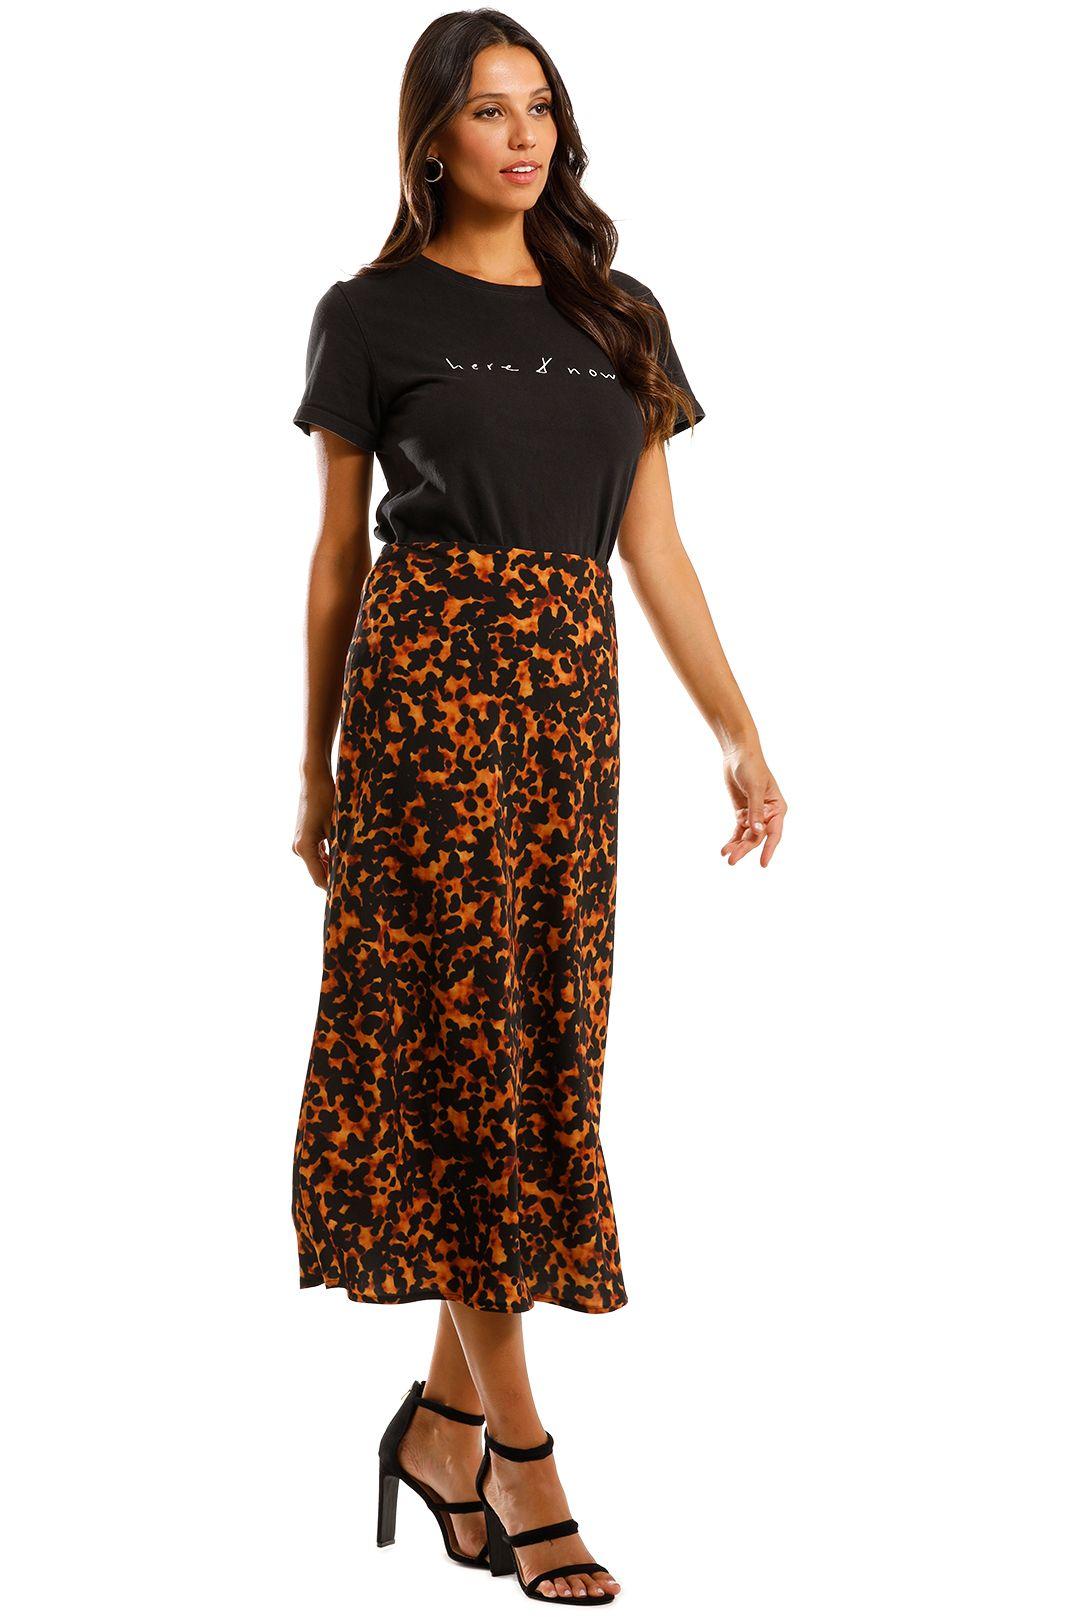 Pasduchas Bronx Skirt Tortoiseshell Midi Length Bias Skirt